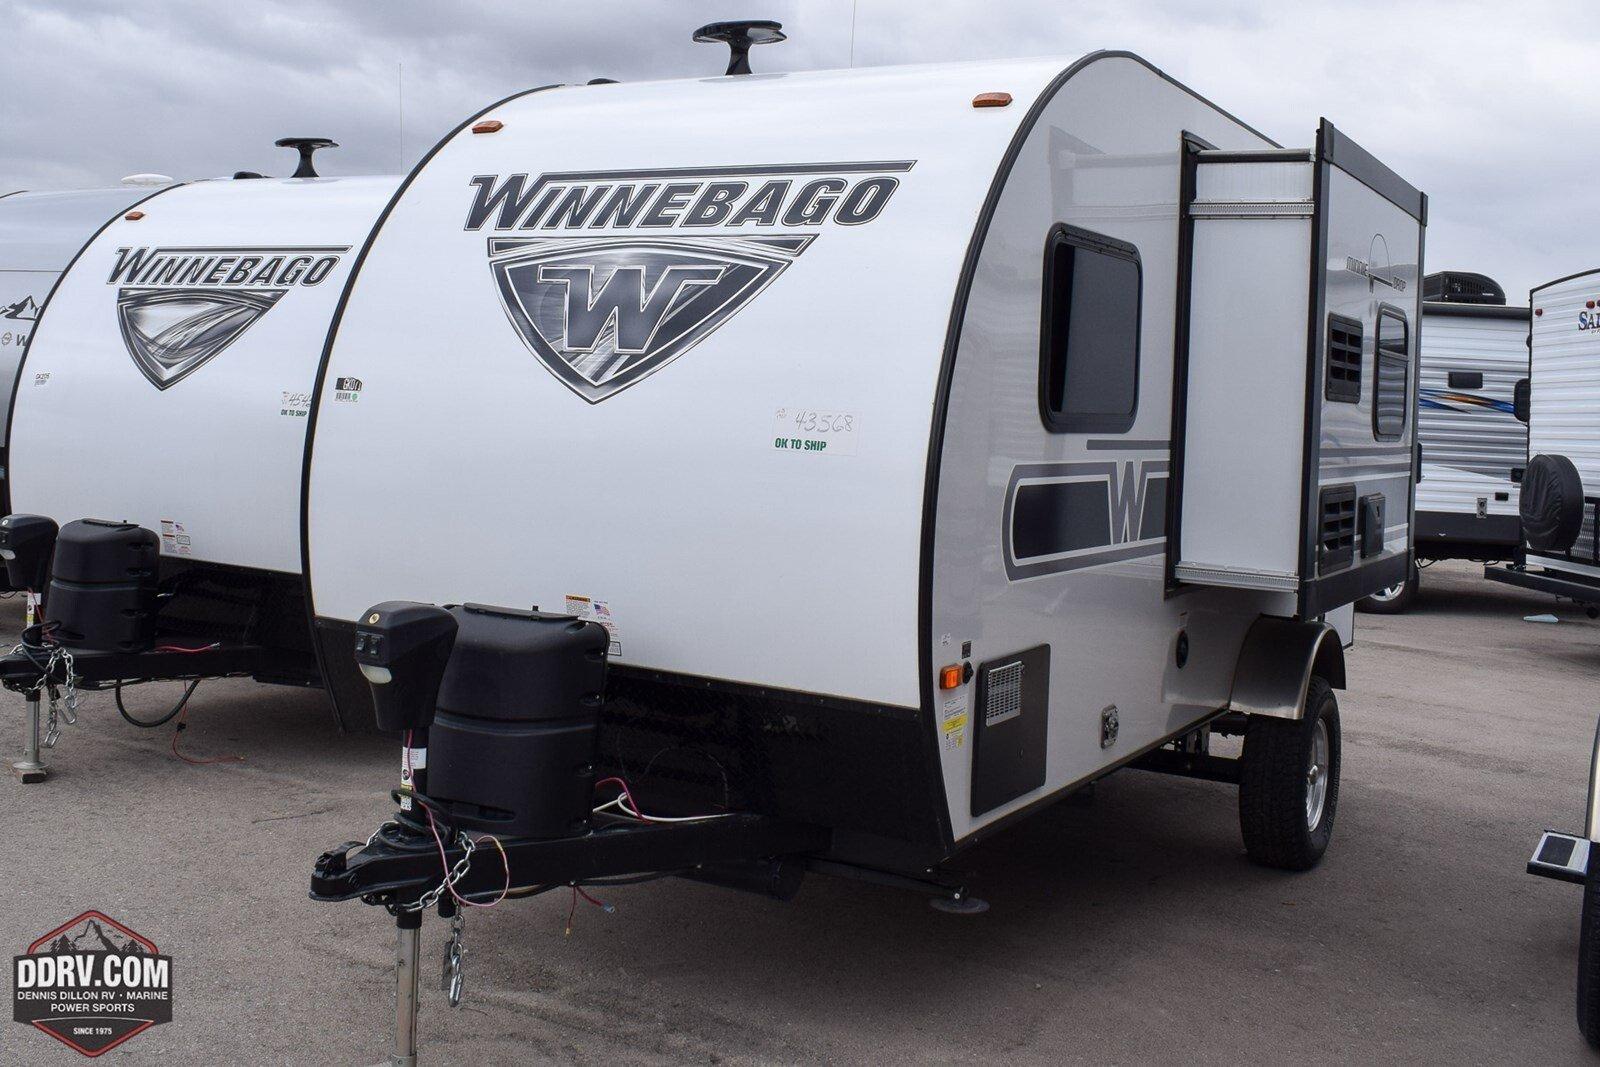 2013 jayco eagle rvs for sale - rvs on autotrader on winnebago floor  plans, winnebago winnebago wiring diagram on